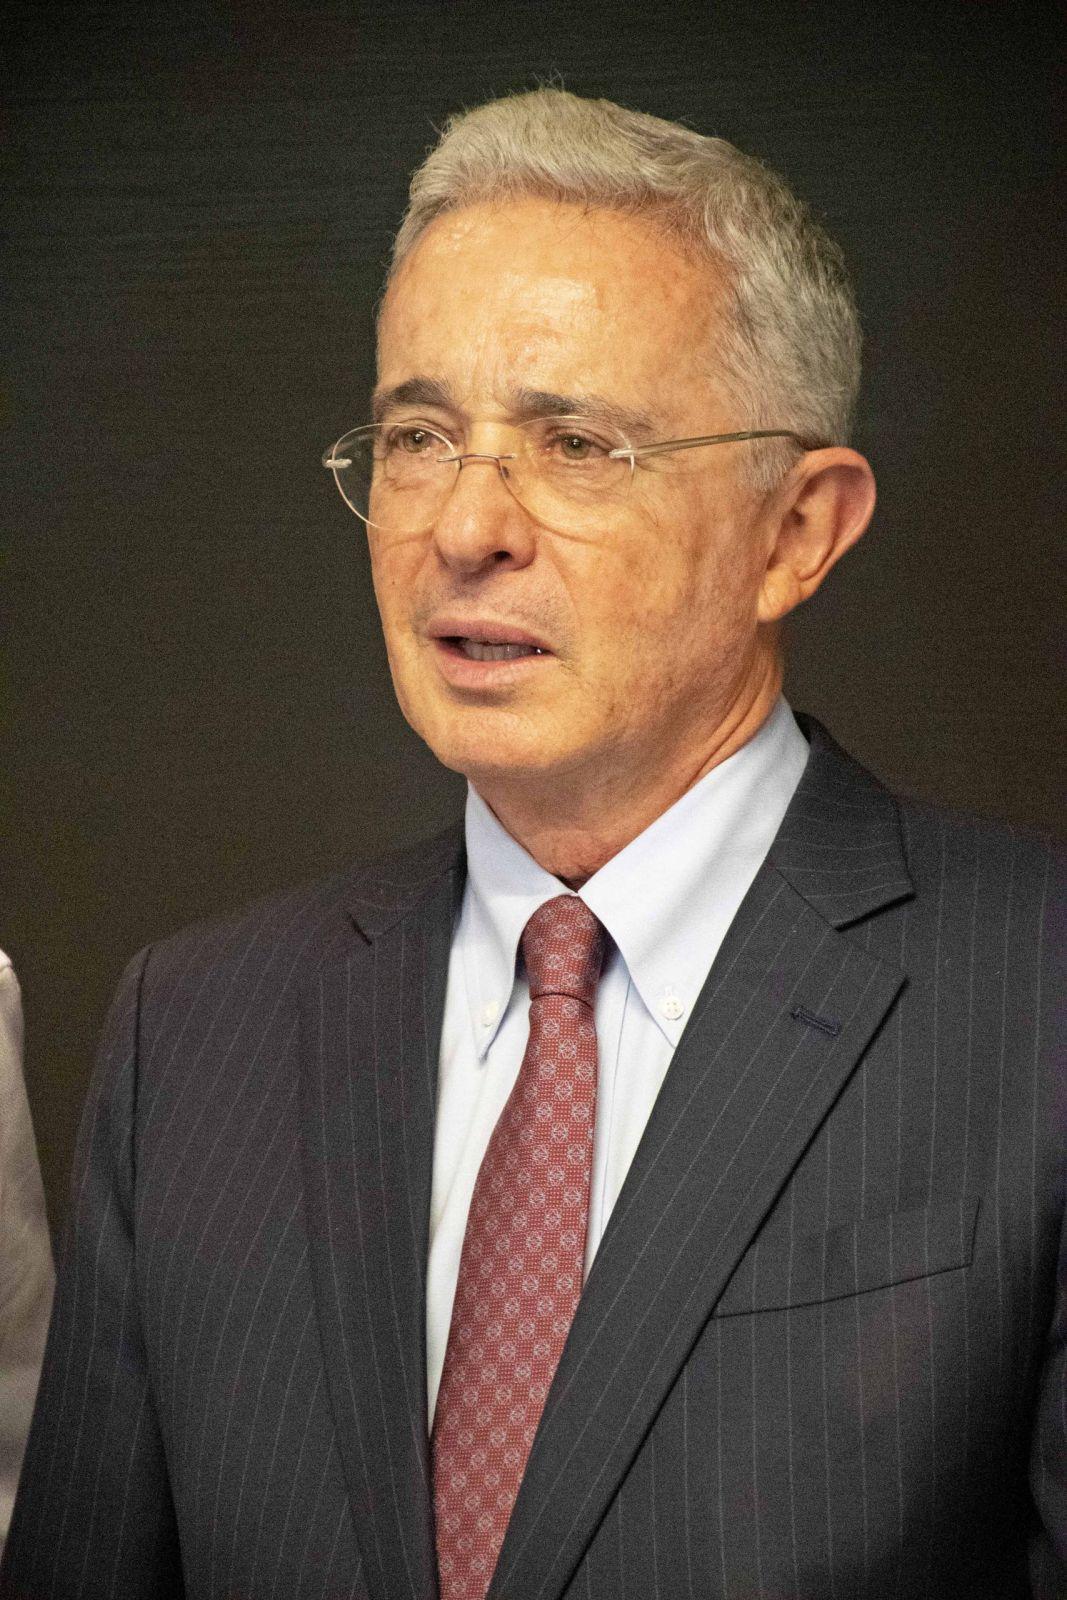 Libertad condicional después de 5 años de cárcel para miembros de Fuerzas Armadas, propone  Uribe